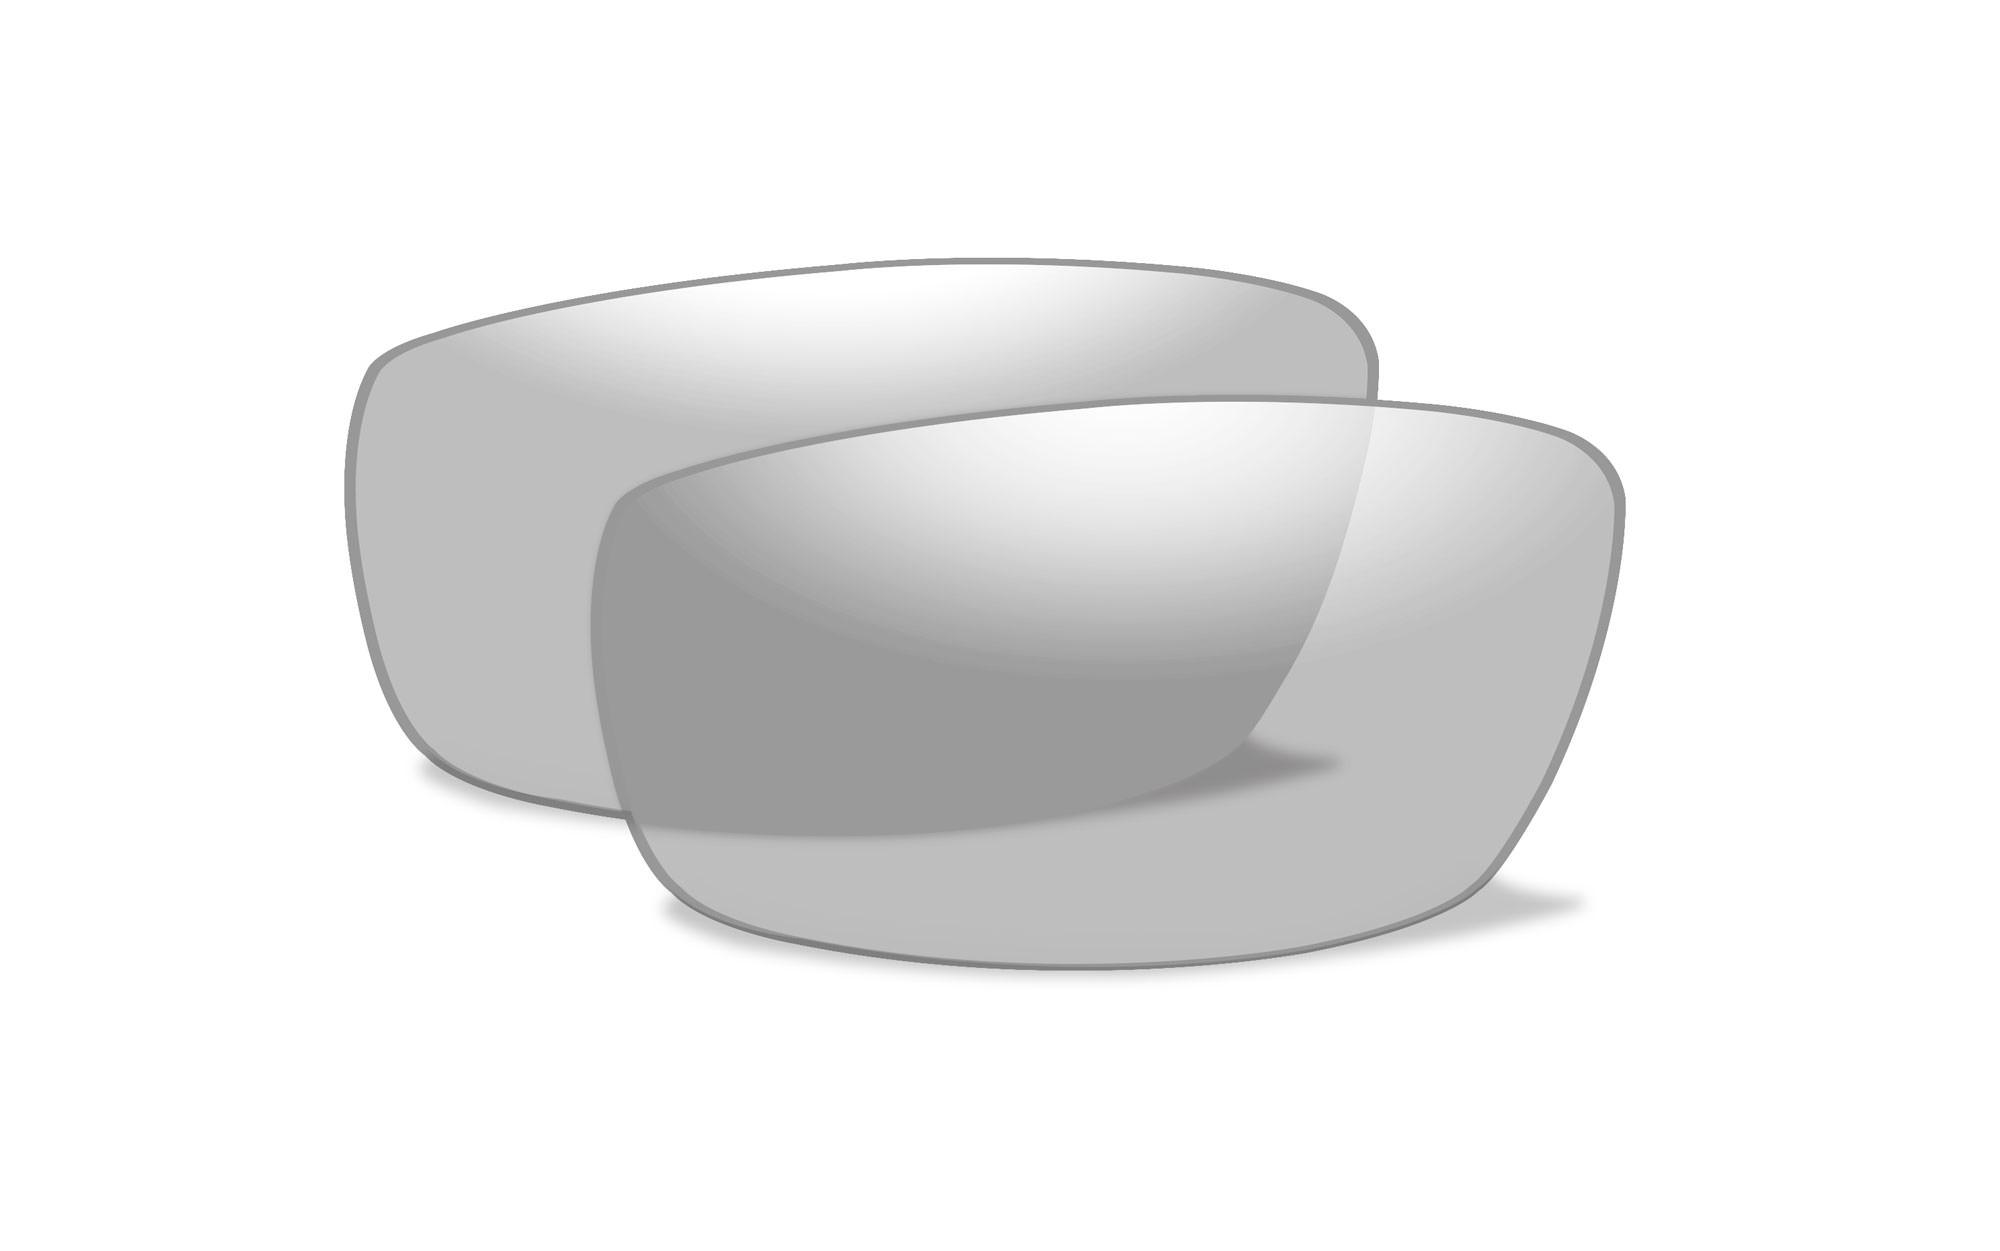 WX Serenity Lenses Image